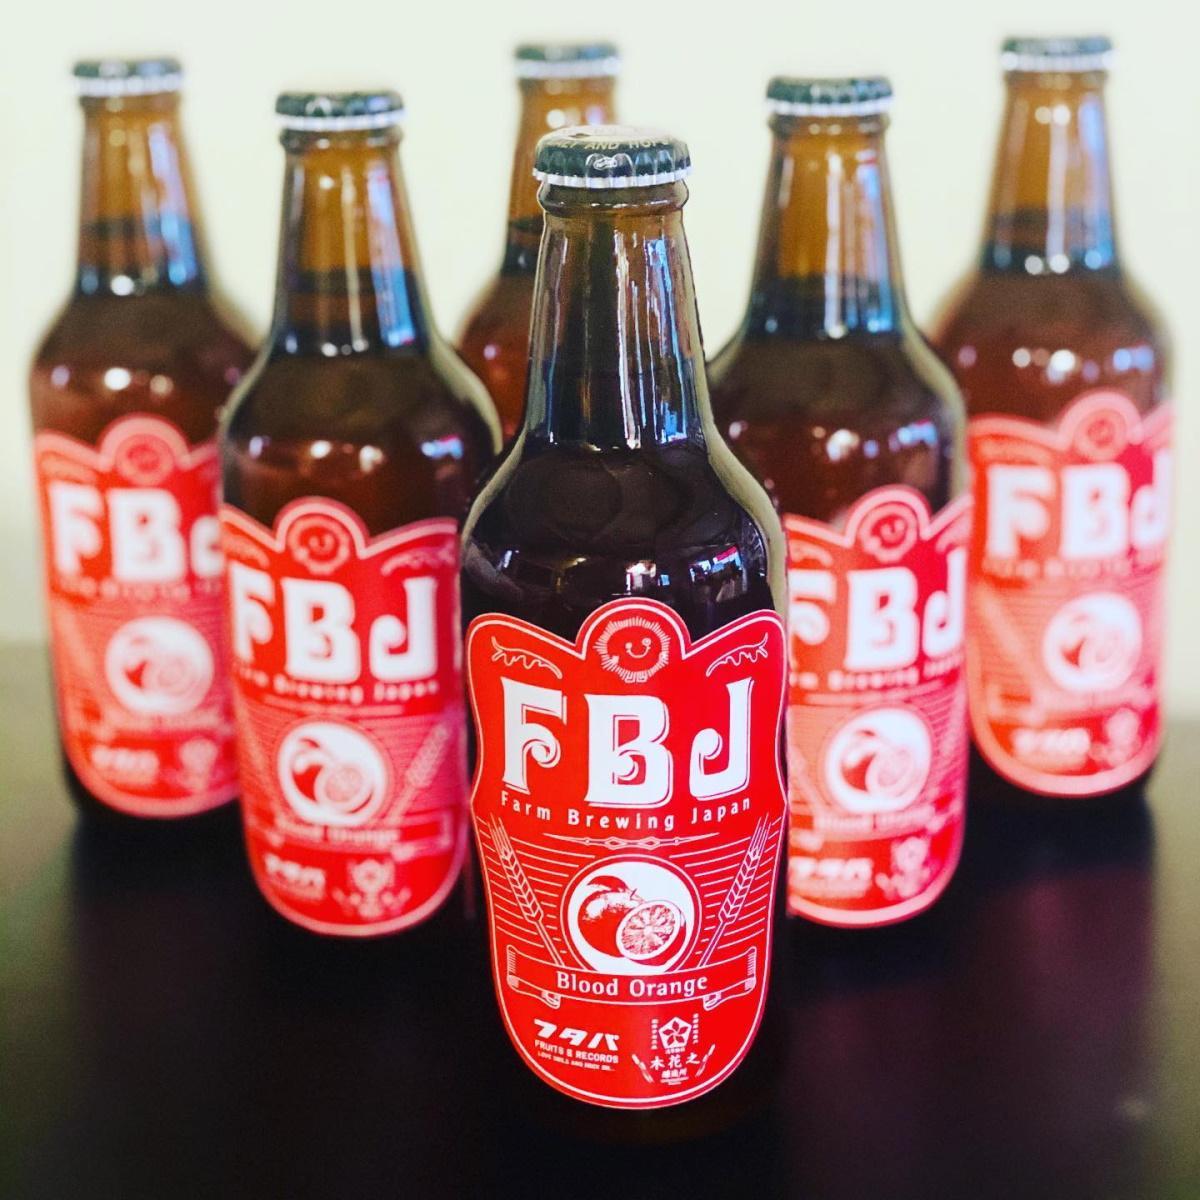 愛媛県産ブラッドオレンジと乳酸菌を加えて造ったクラフトビール「ブラッドオレンジ」